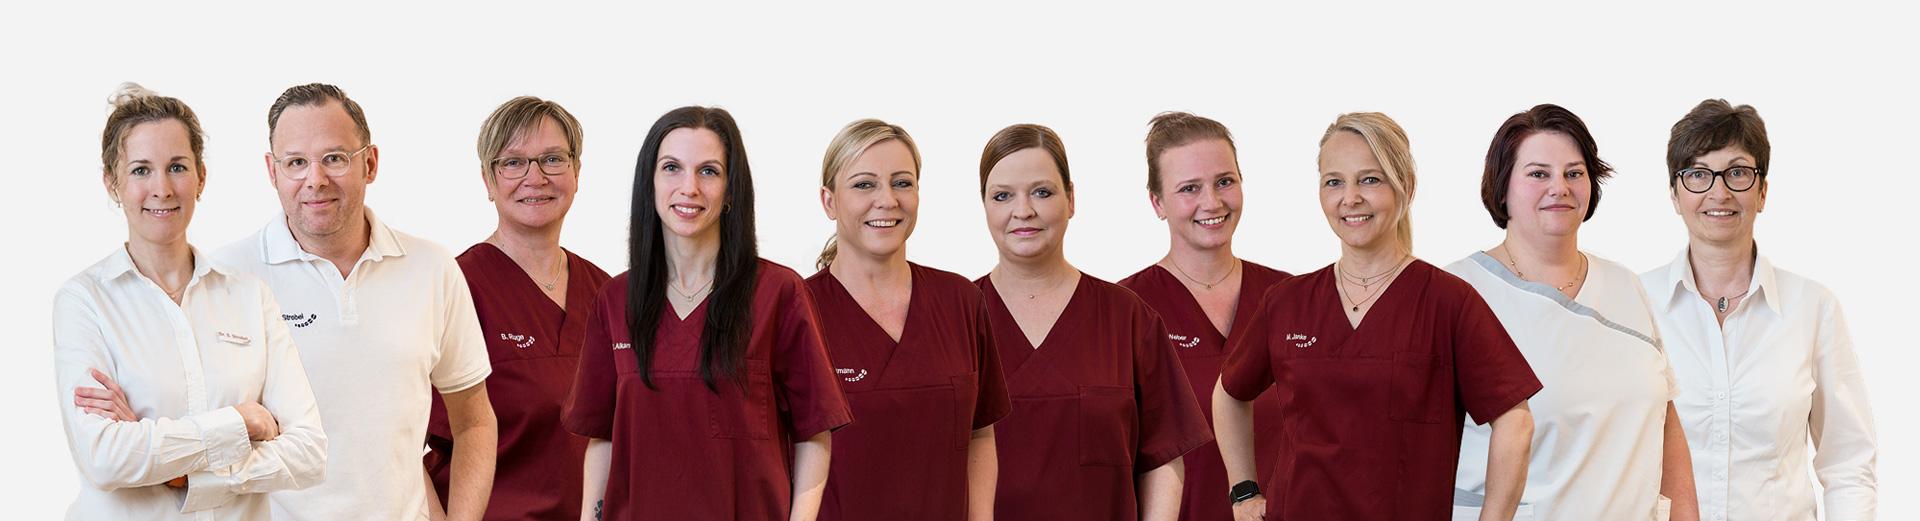 Team Fachpraxis für Kieferorthopadie Dr. Strobel